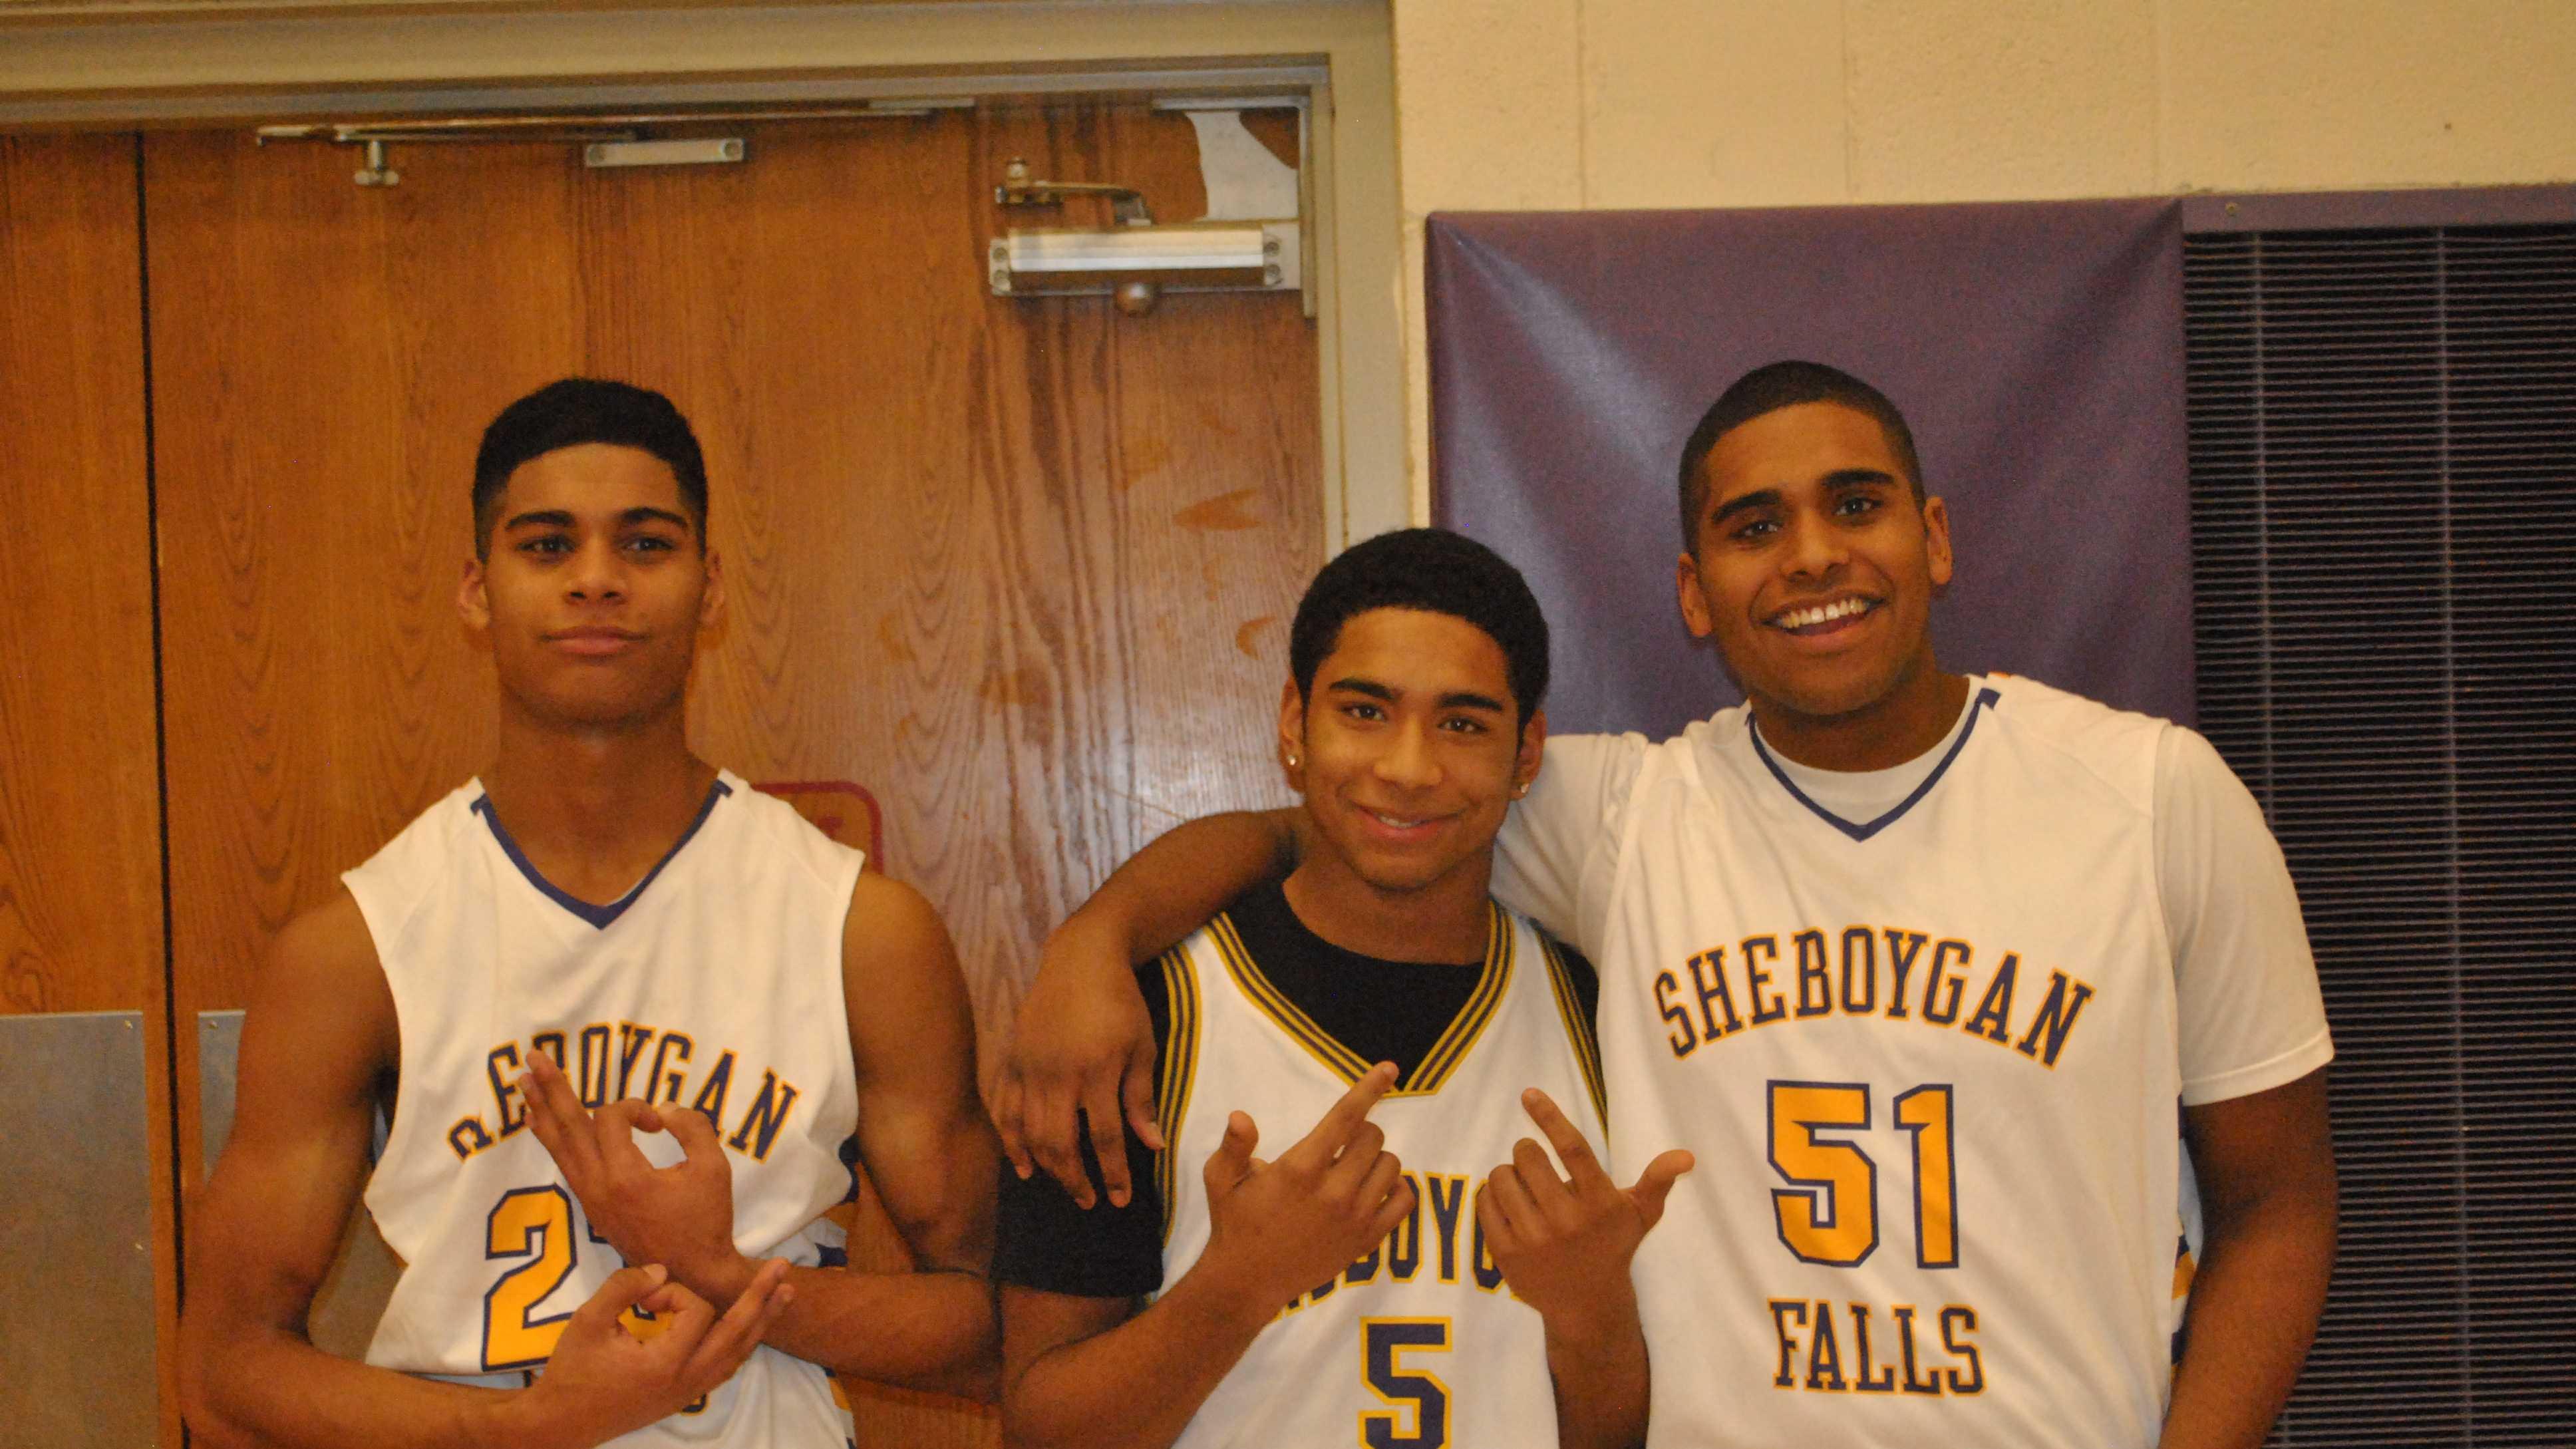 bball photo with three boys